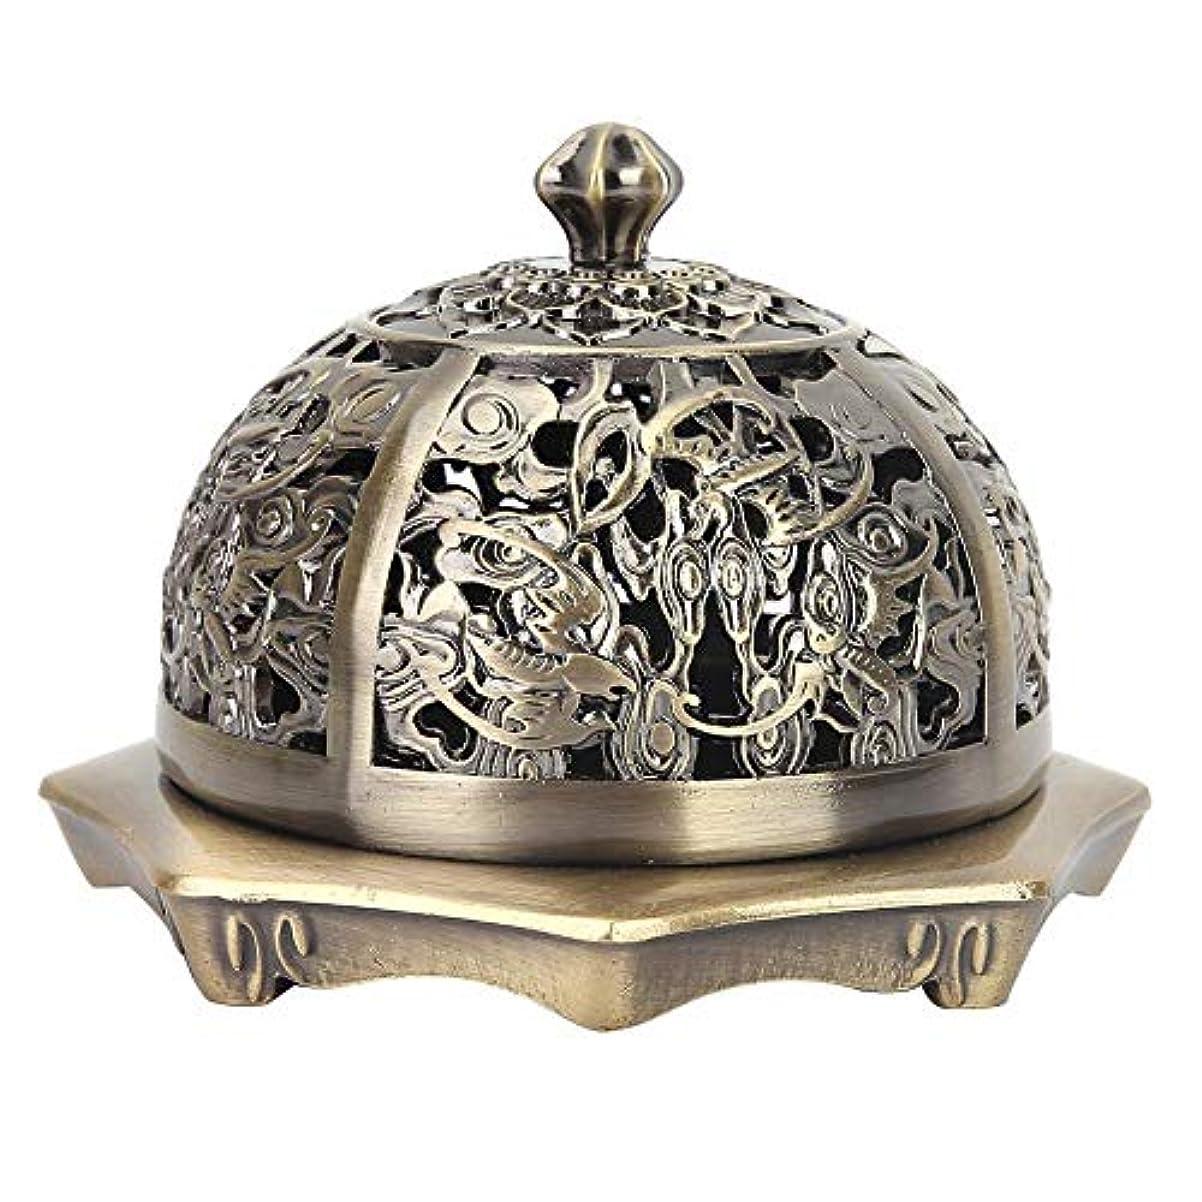 スチュワードごみ商人香炉 アロマ香炉 丸香炉 アロマバーナー アロマ炉 お香バーナー蓋付き お香ホルダー お香 心を落ち着かせてくれる